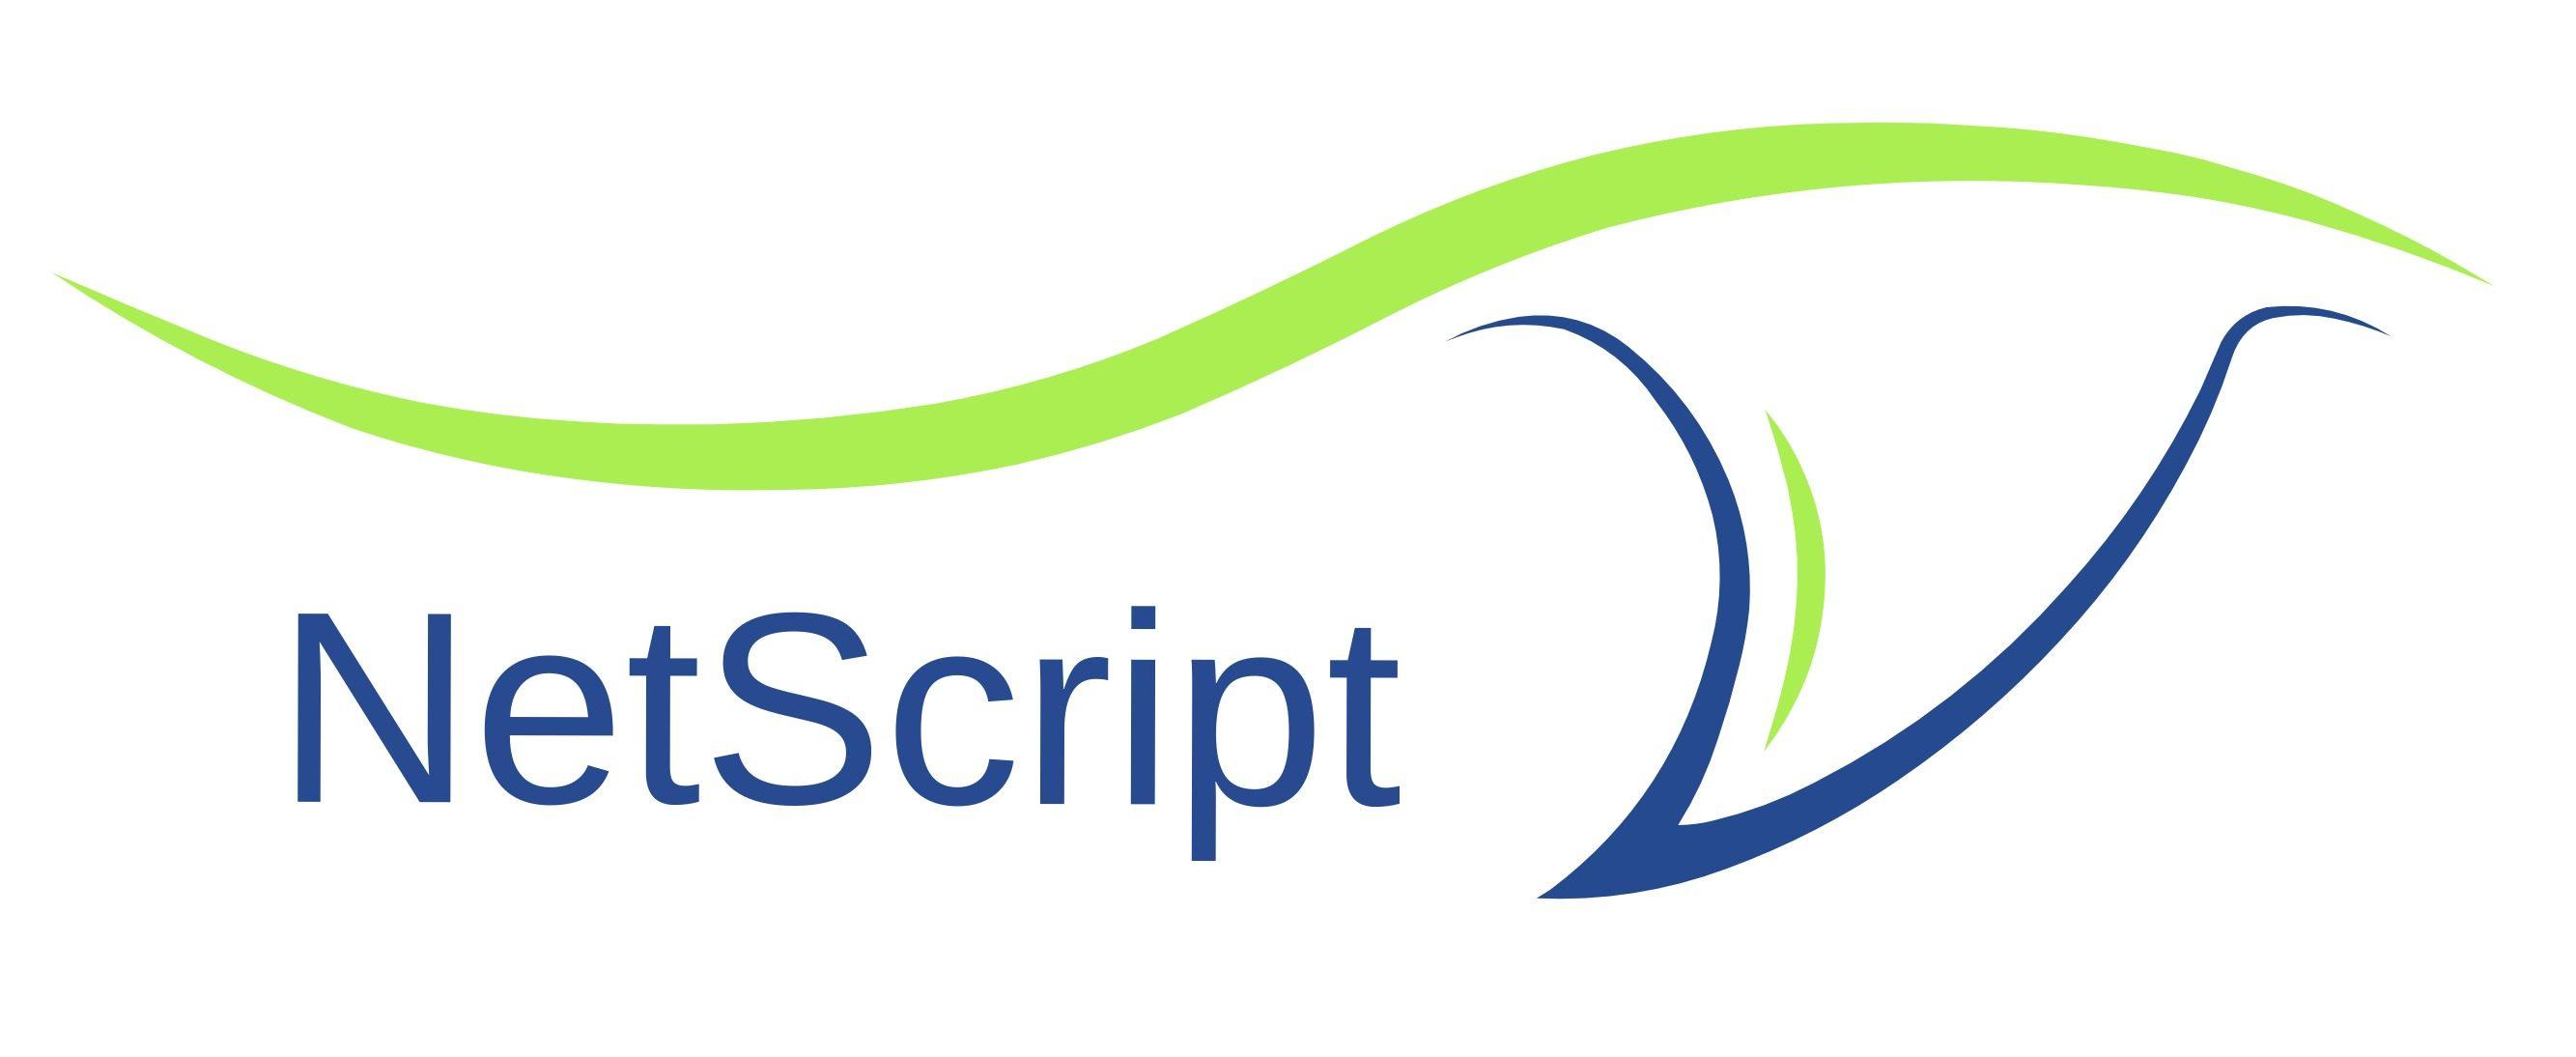 NetScript